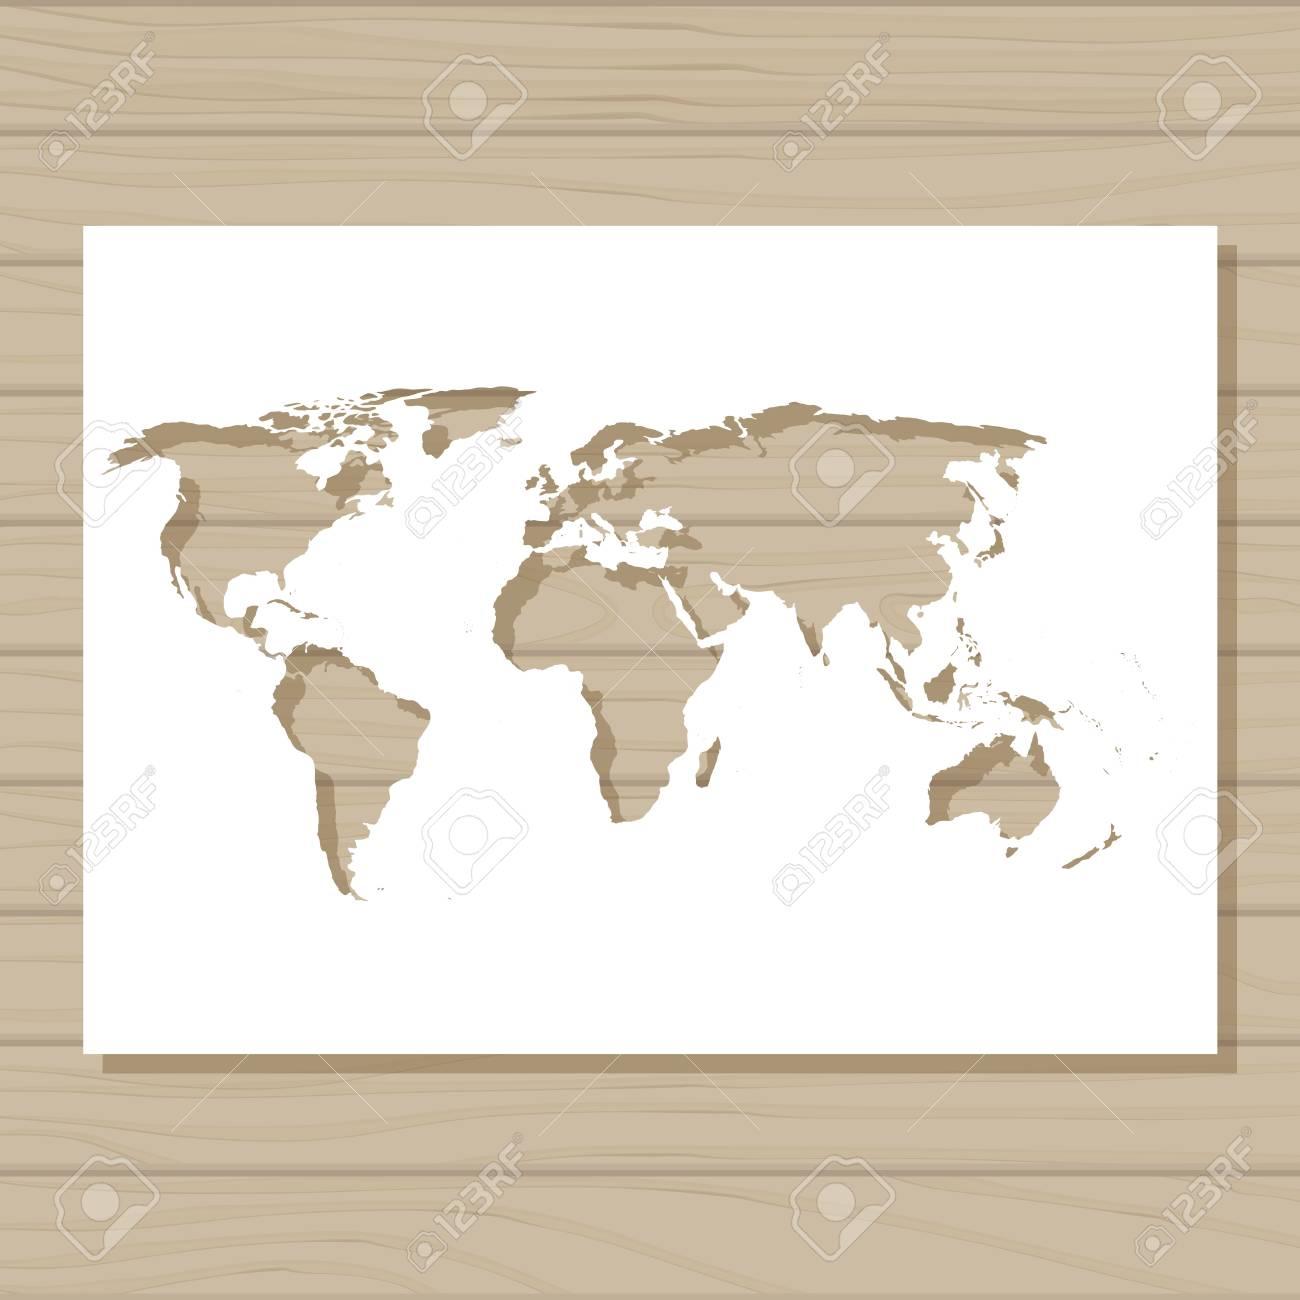 Carte Du Monde Sur Bois.Vecteur Modele De Pochoir De Carte Du Monde Sur Fond De Bois Clip